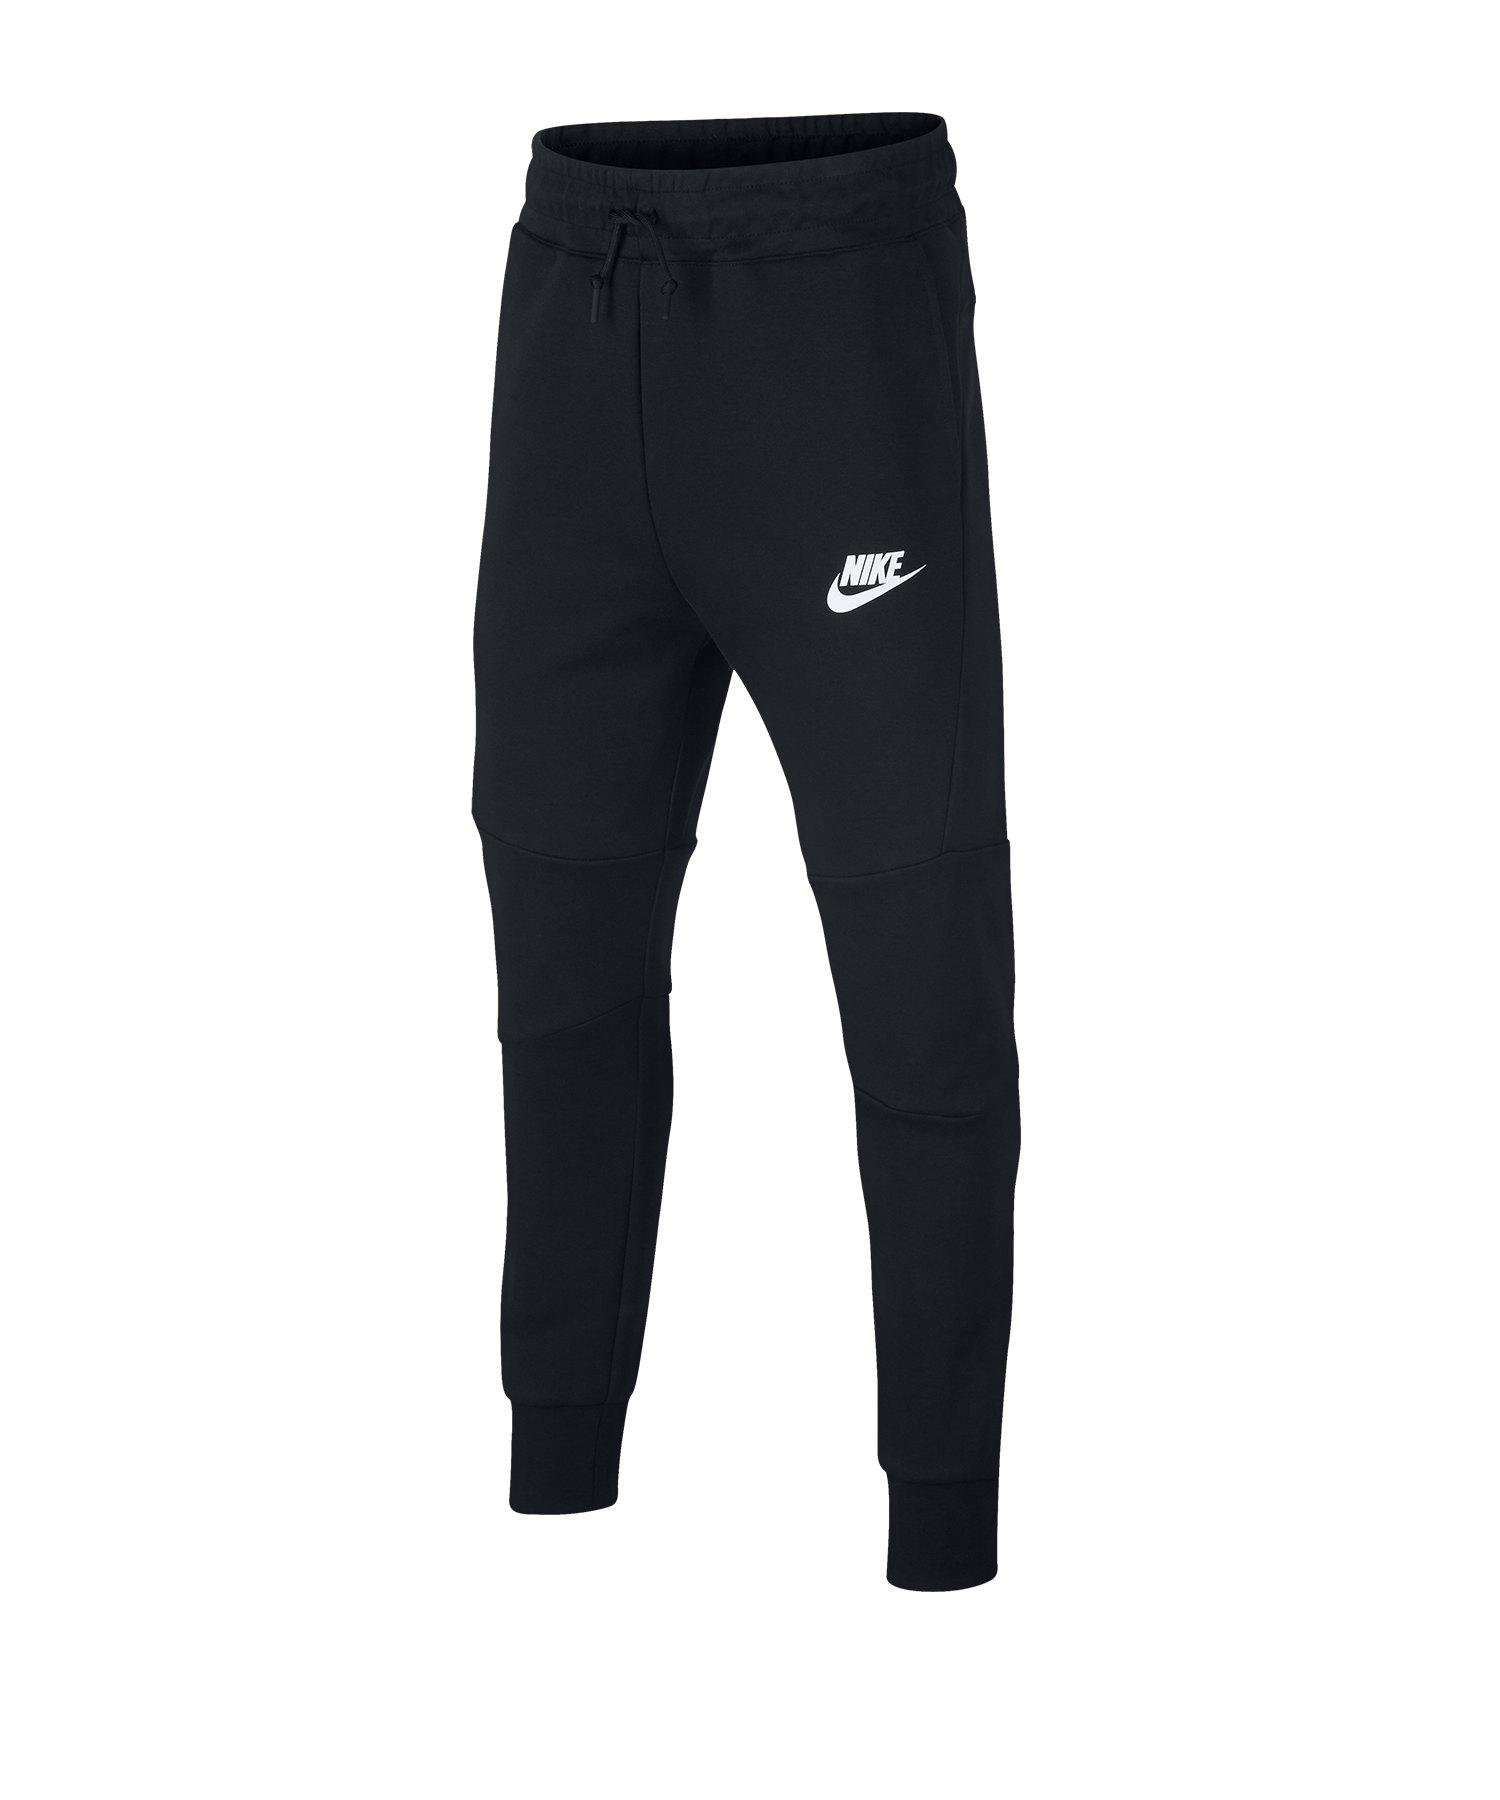 günstigster Preis neue bilder von wähle das Neueste Nike Tech Fleece Pant Jogginghose Kids F017